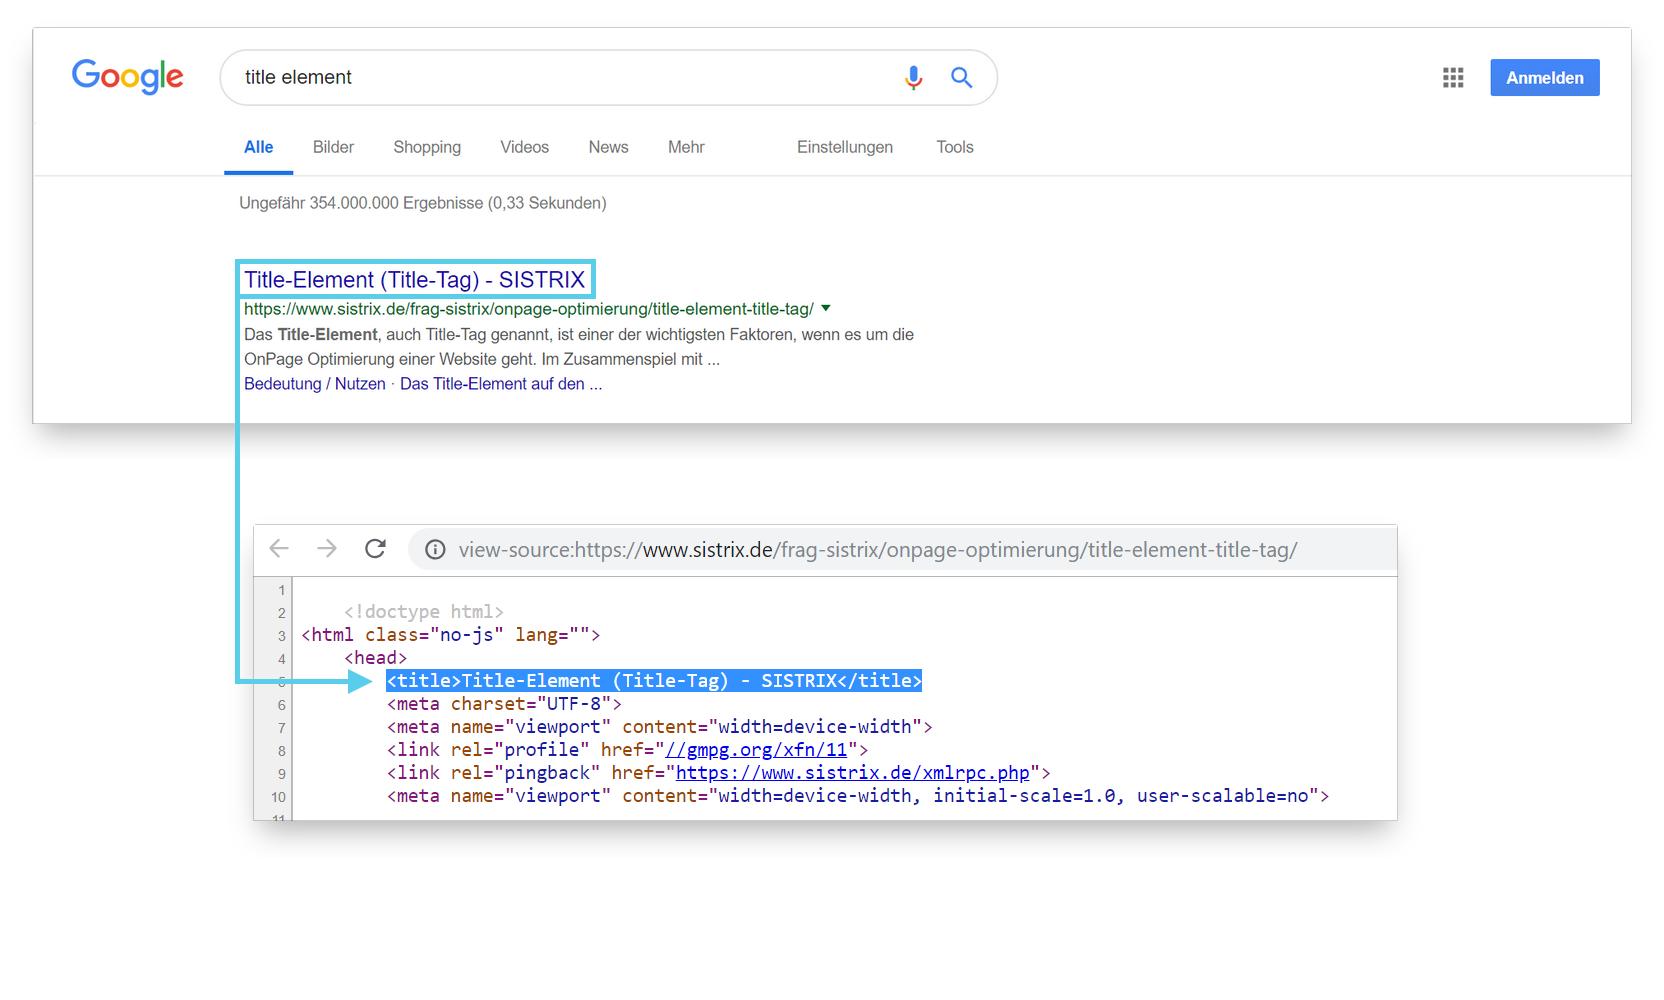 """Schaubild mit Google Ergebnis zur Suche nach """"title element"""", sowie das title Element auf dem bestrankenden Ergebnis."""